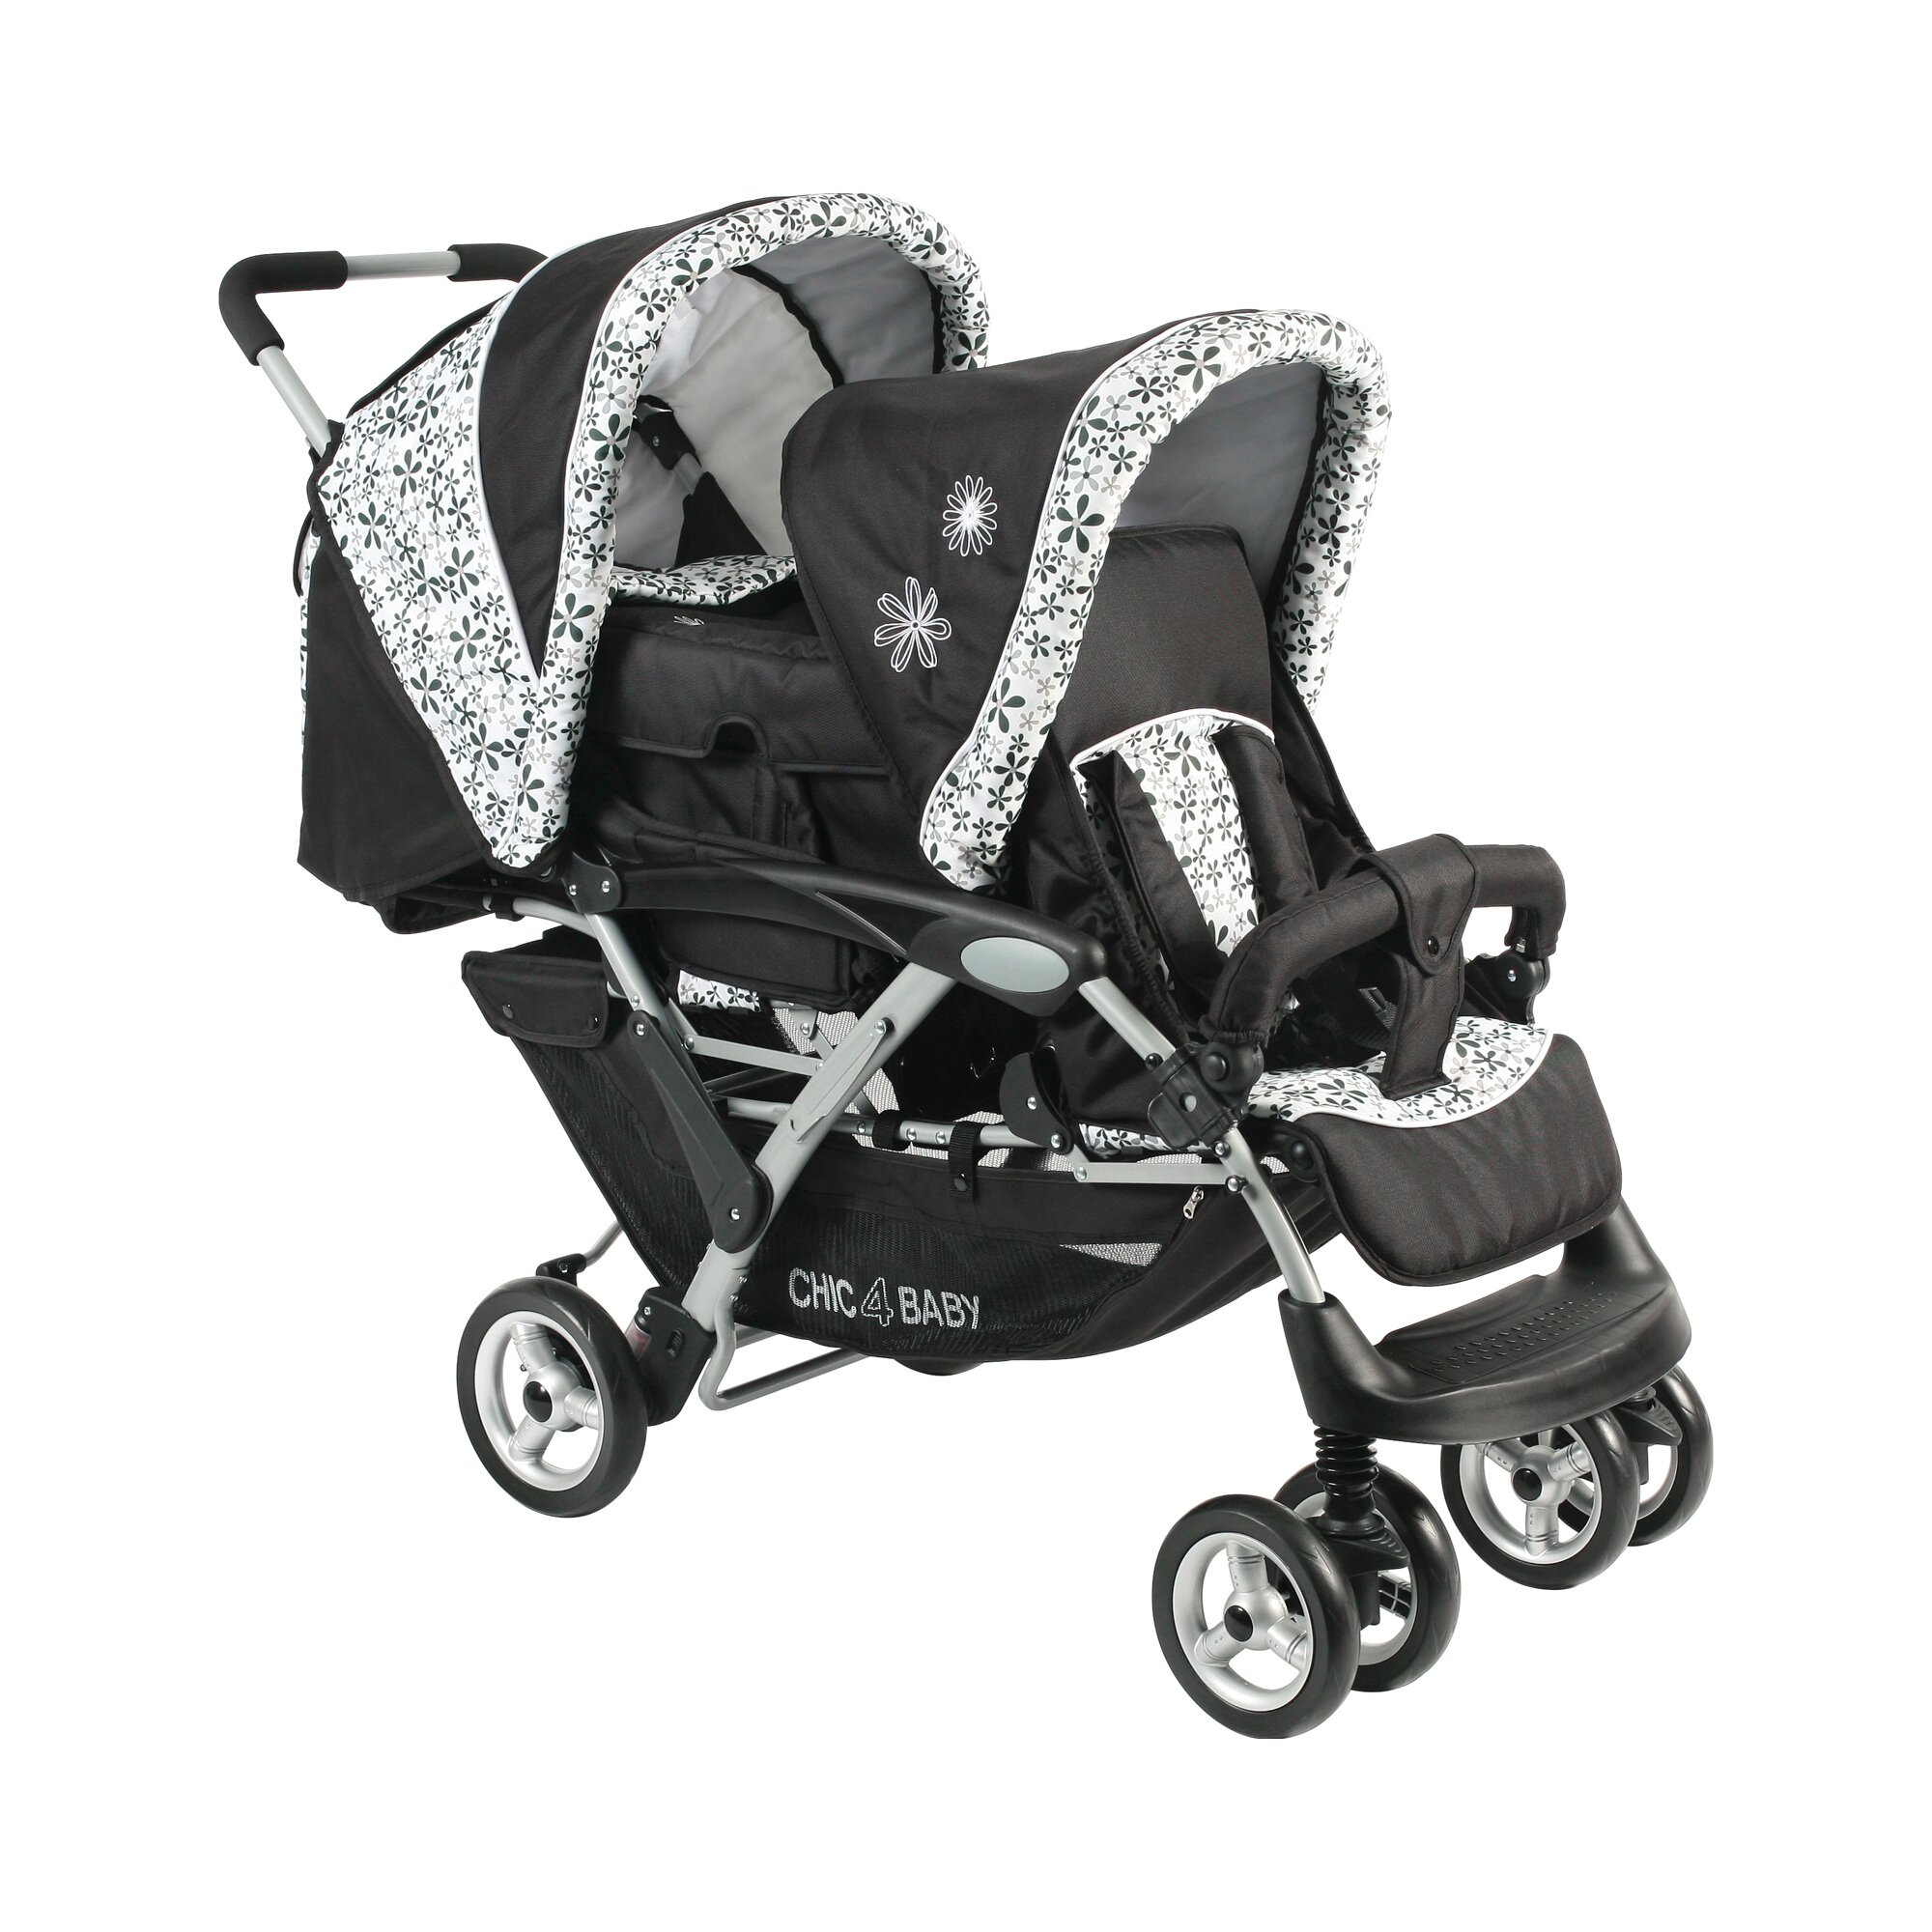 chic-4-baby-duo-zwillings-und-kinderwagen-geschwisterwagen-mit-tragetasche-mehrfarbig, 349.00 EUR @ babywalz-de